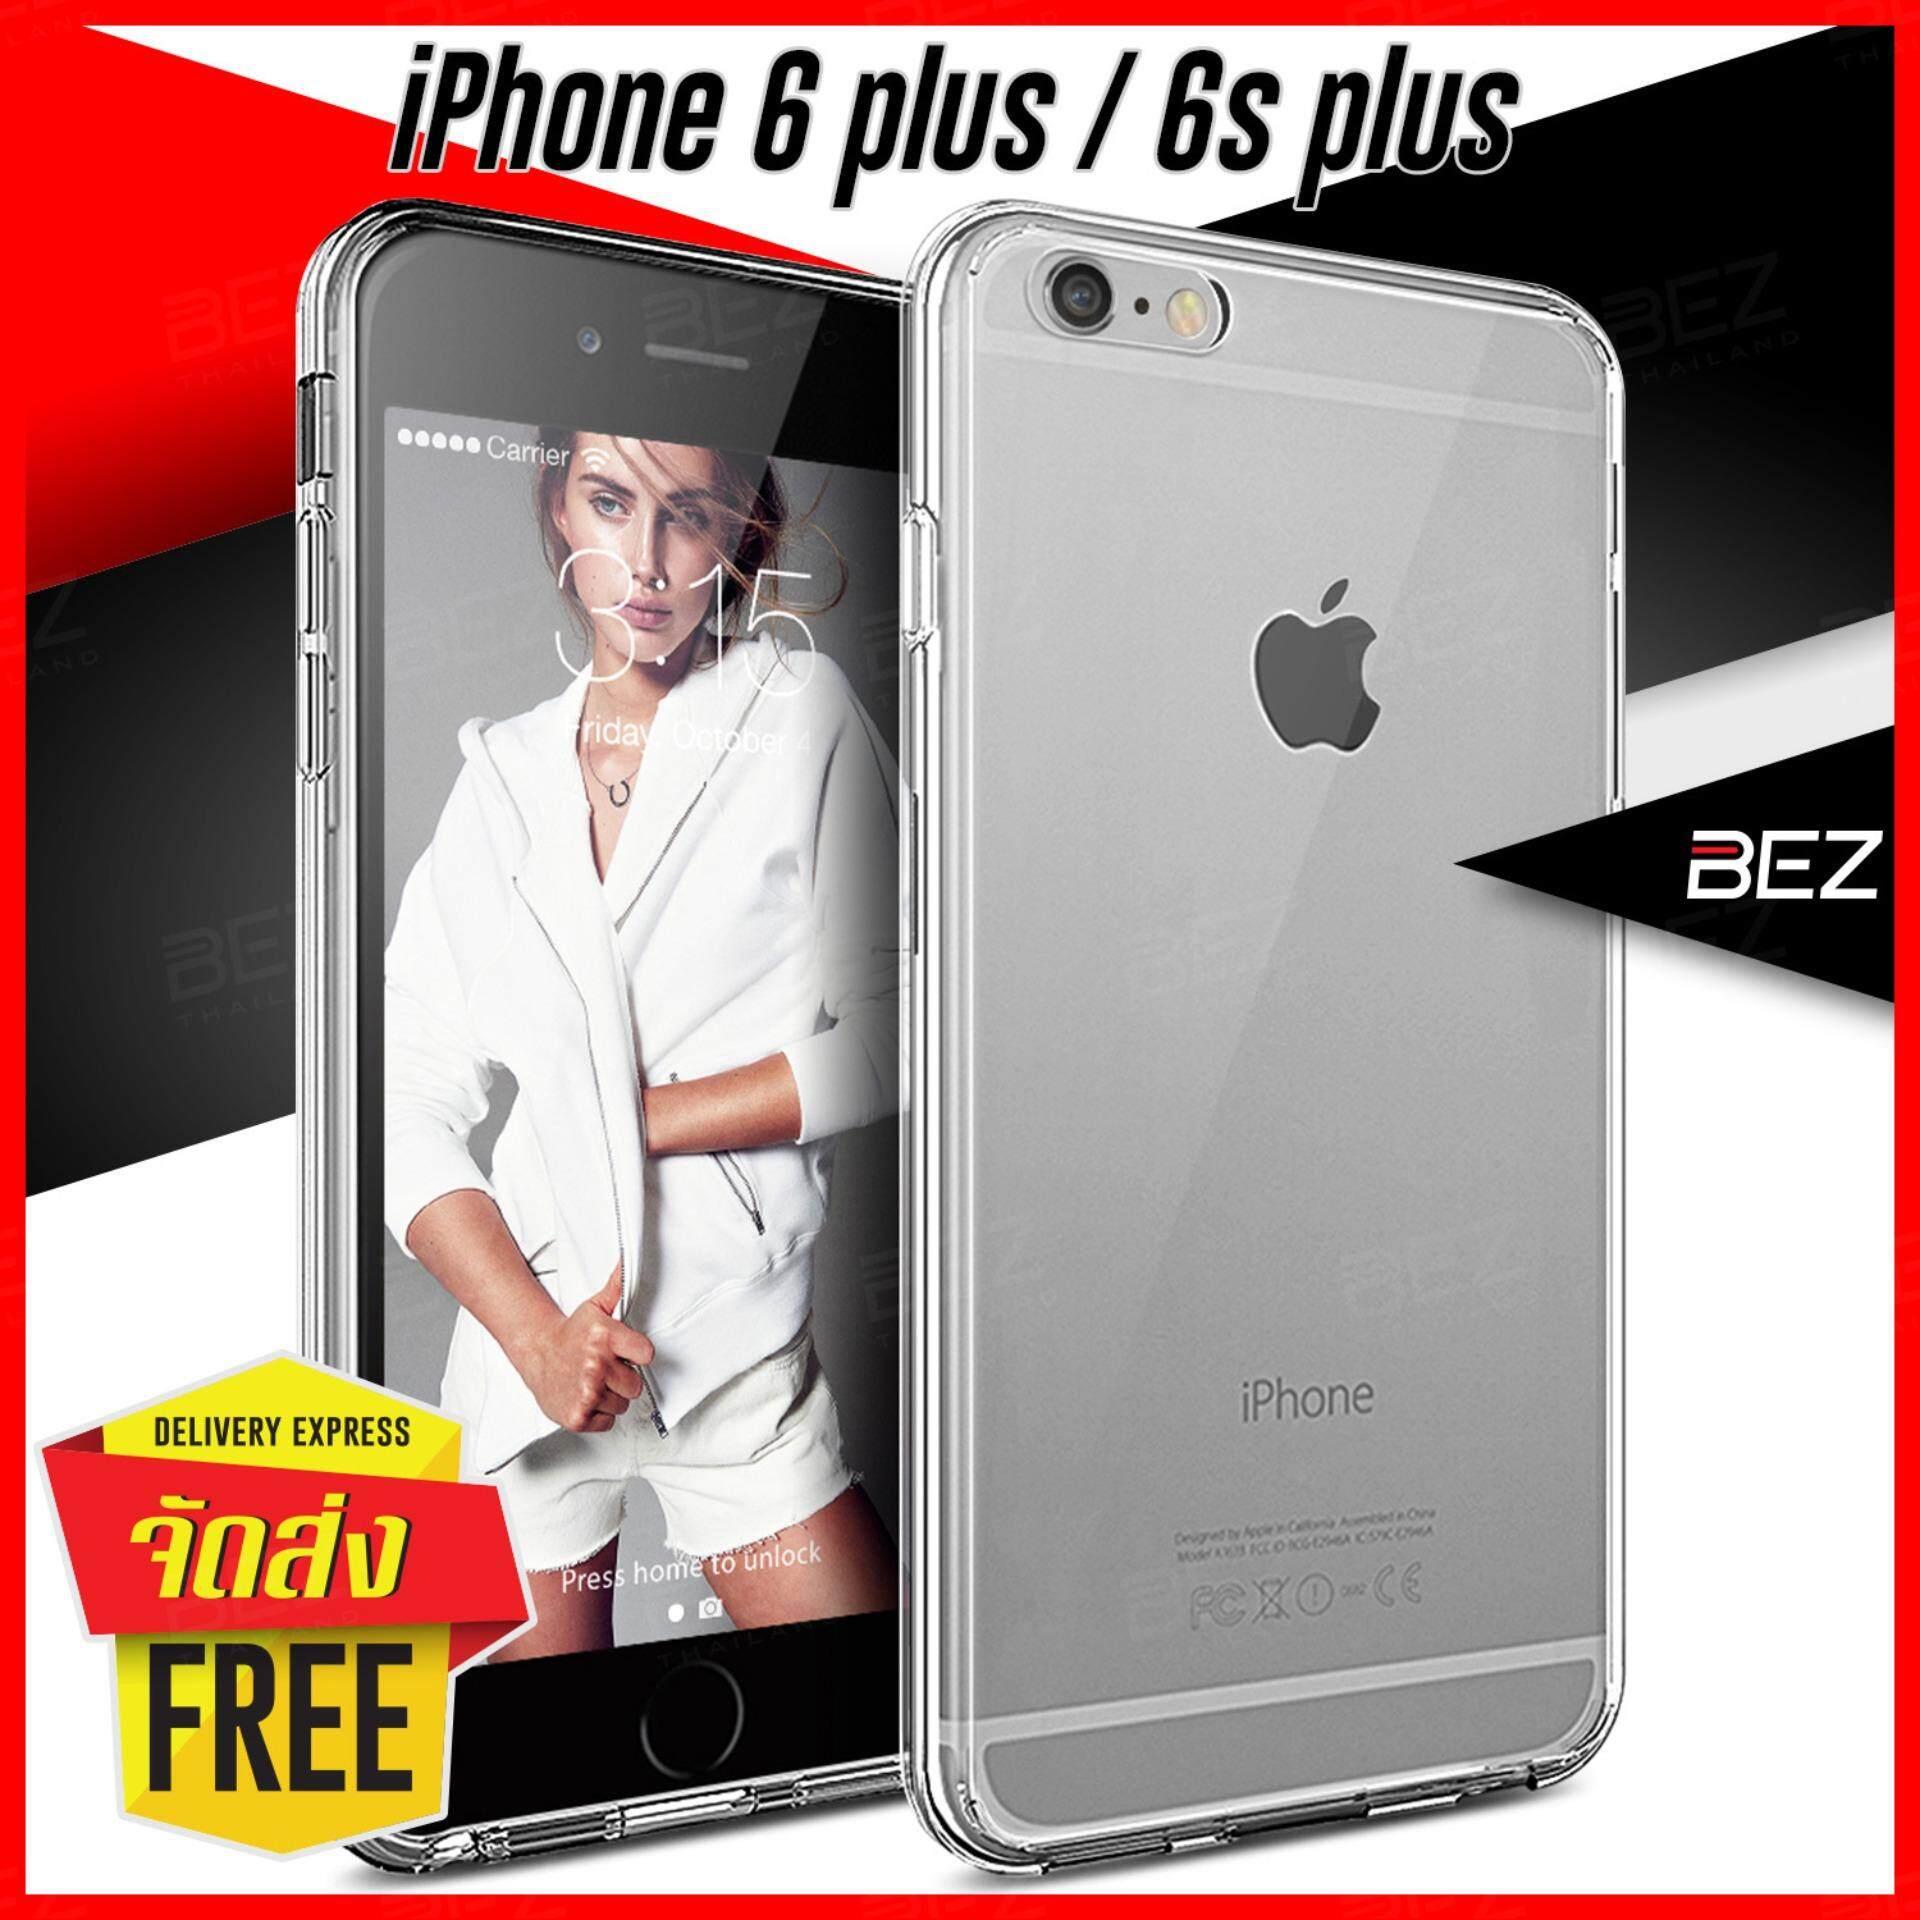 เคสไอโฟน 6s พลัส เคส ไอโฟน 6+ iPhone 6s Plus Case เคสมือถือ i6+ i6s+ เคสโทรศัพท์ สำหรับ iPhone 6 Plus , iPhone 6s Plus เคสใส กันกระแทก BEZ สีใส เคสฝาหลัง Shockproof Transparent Clear Case  / HT 6GP-